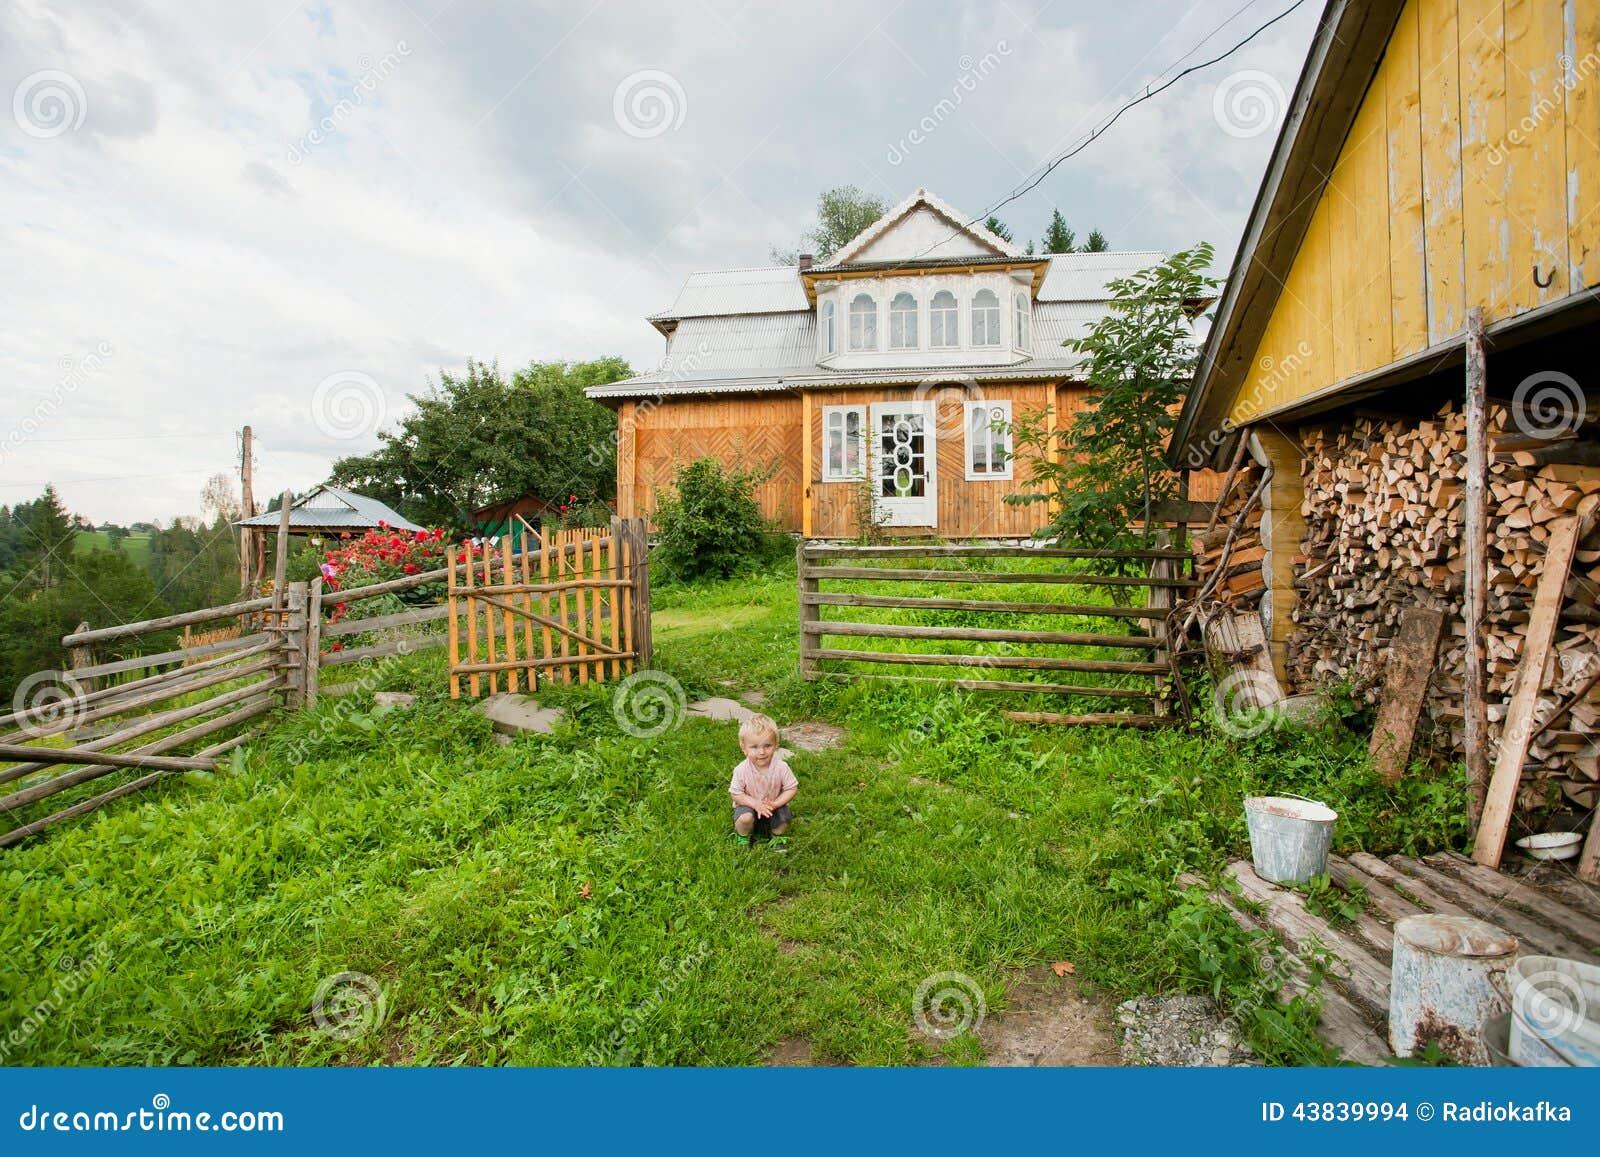 Maison Pour Enfant Exterieur jeu d'enfant extérieur sur la maison en bois de passé d